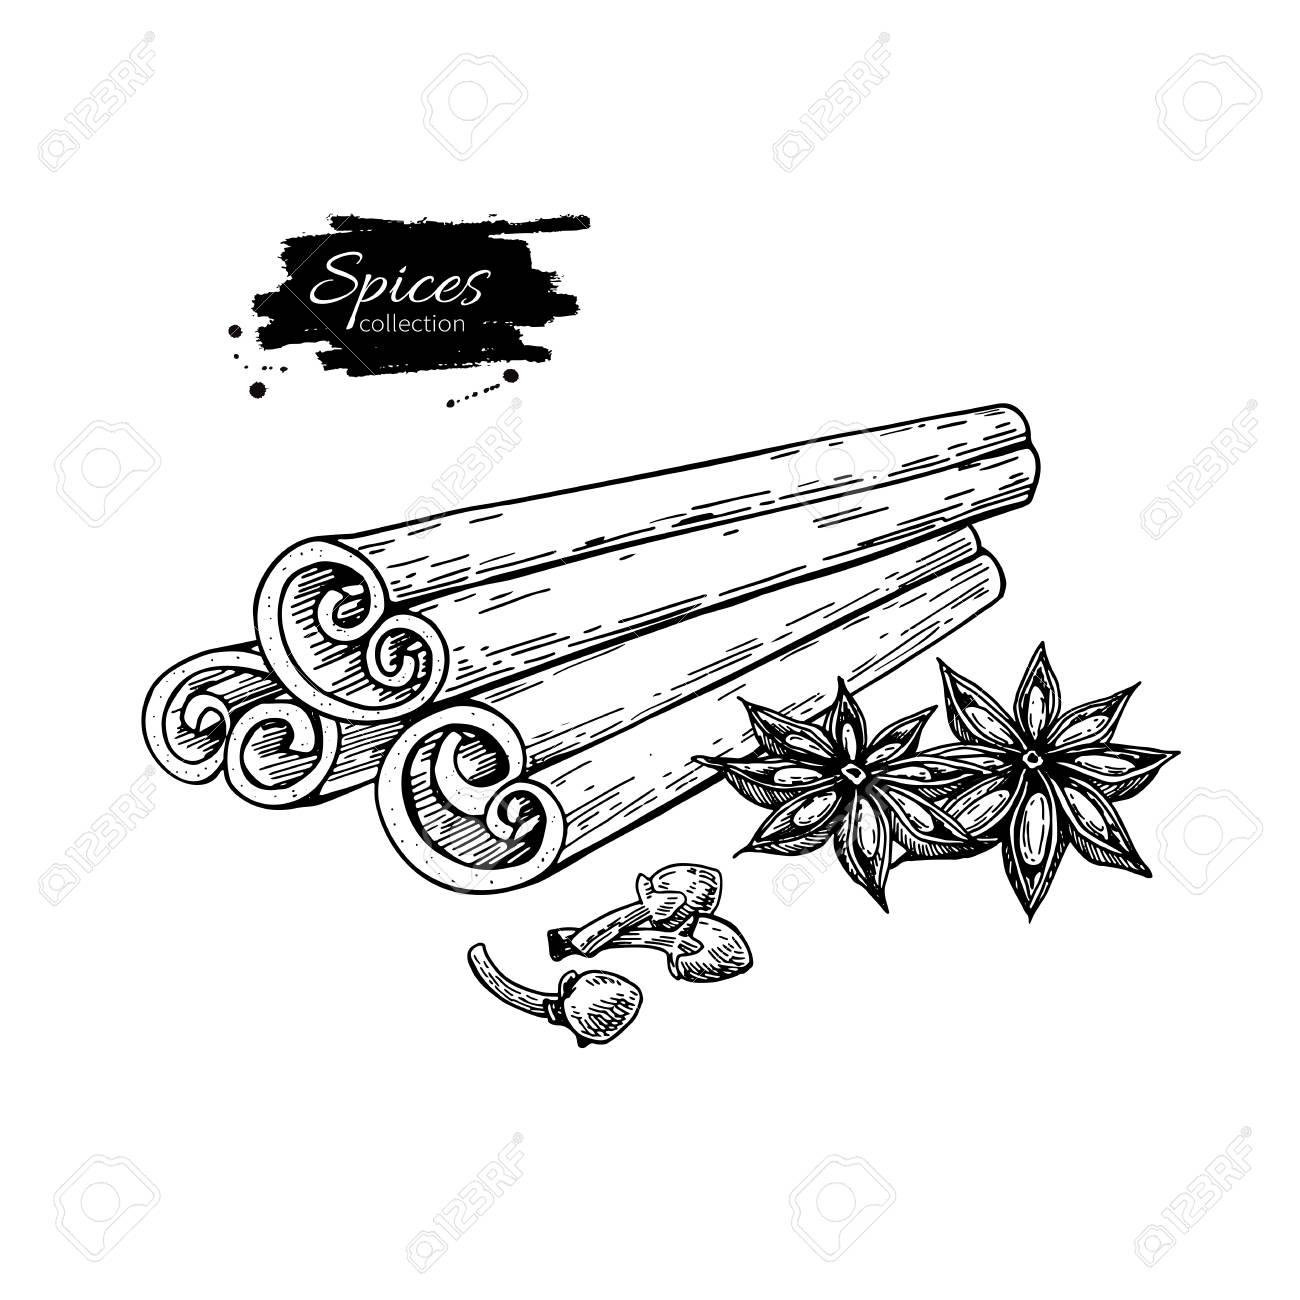 Bouquet De Cannelle Bouquet D Anis Et Clous De Girofle Dessin Vectoriel Croquis Dessiné Main Illustration De La Nourriture Saisonnière Isolée Sur